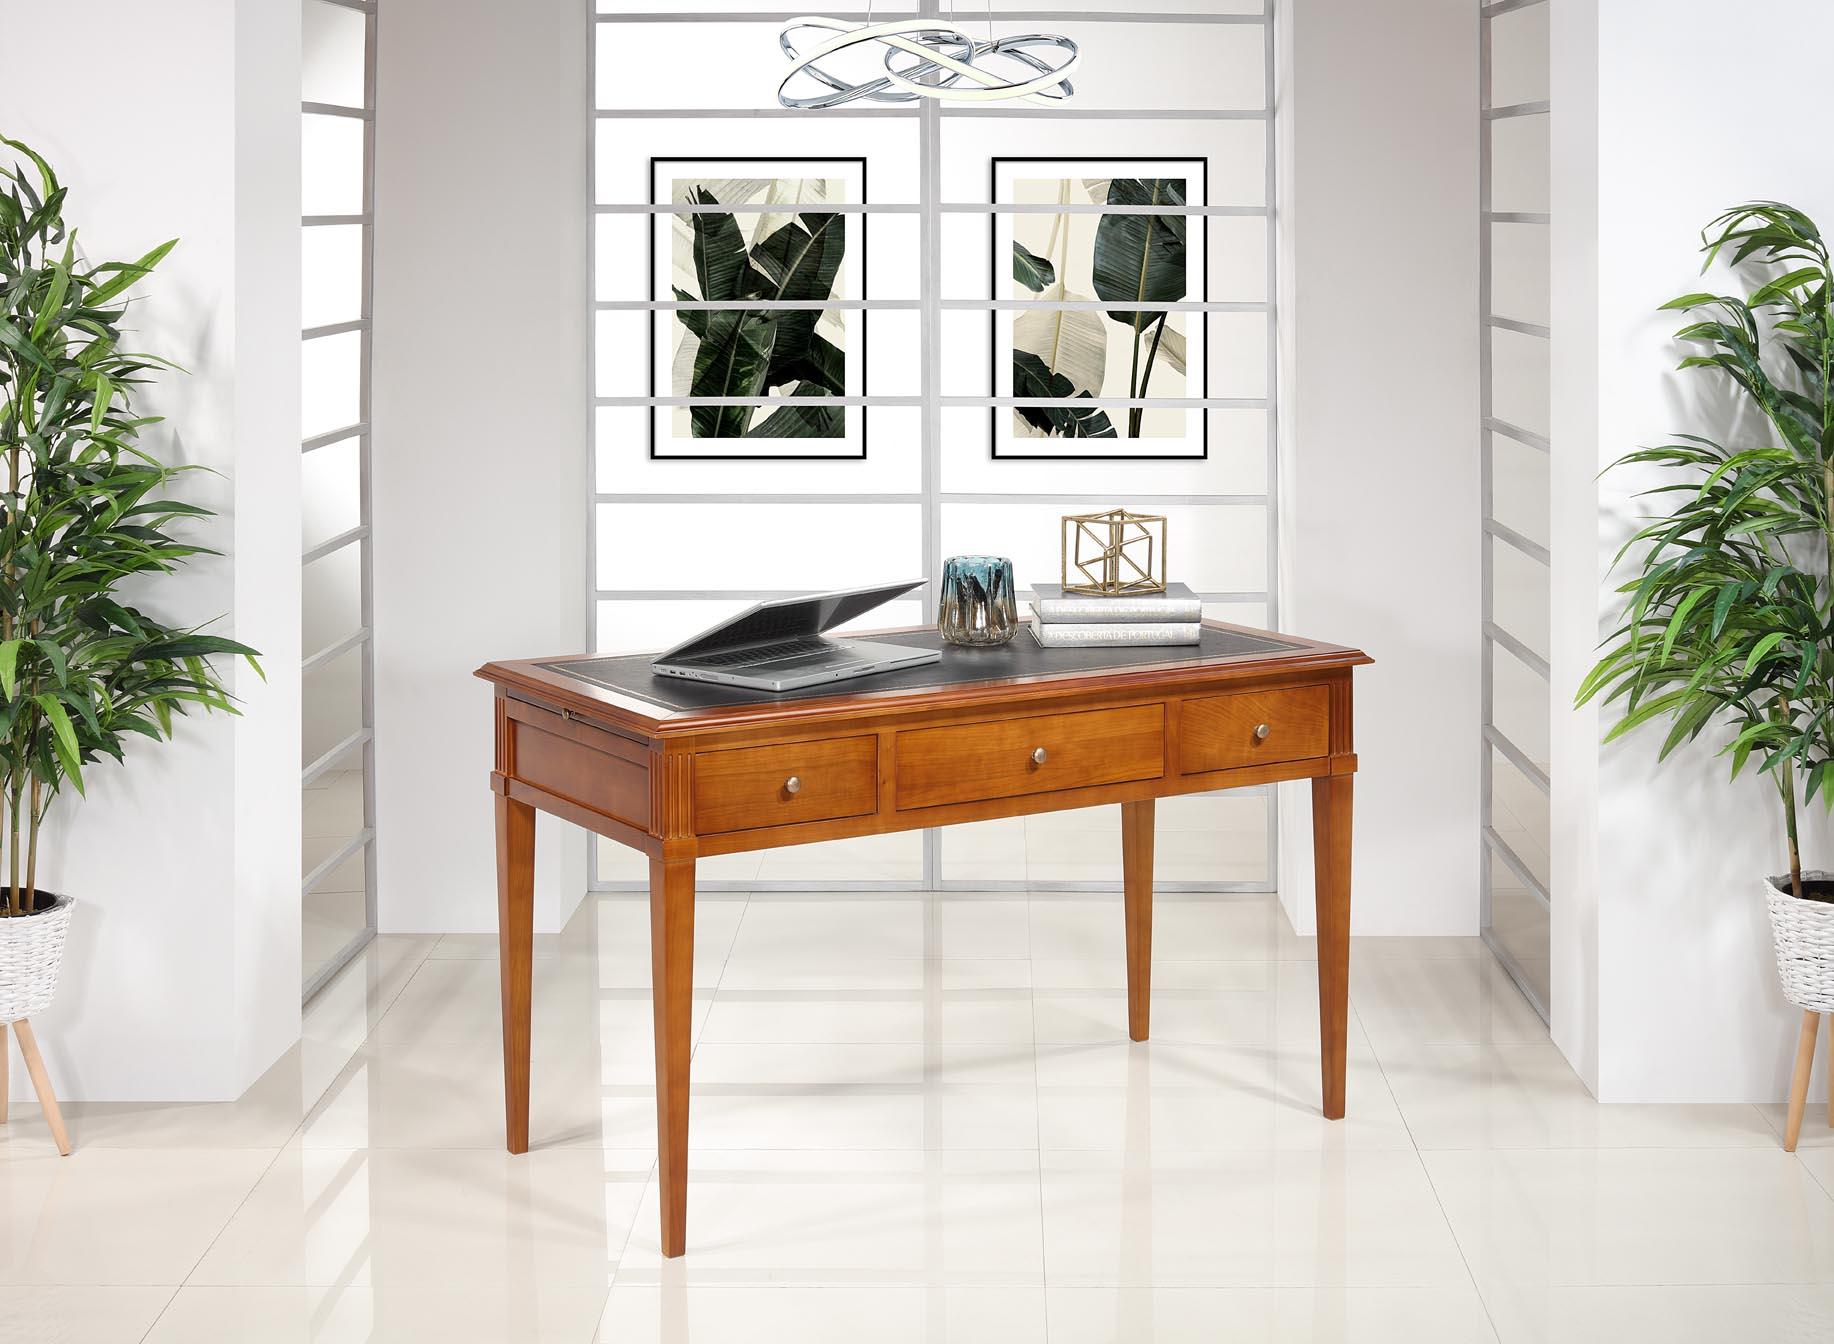 Bureau 3 tiroirs Agathe  en Merisier de style Directoire Surface d'écriture recouverte d'une moleskine noir